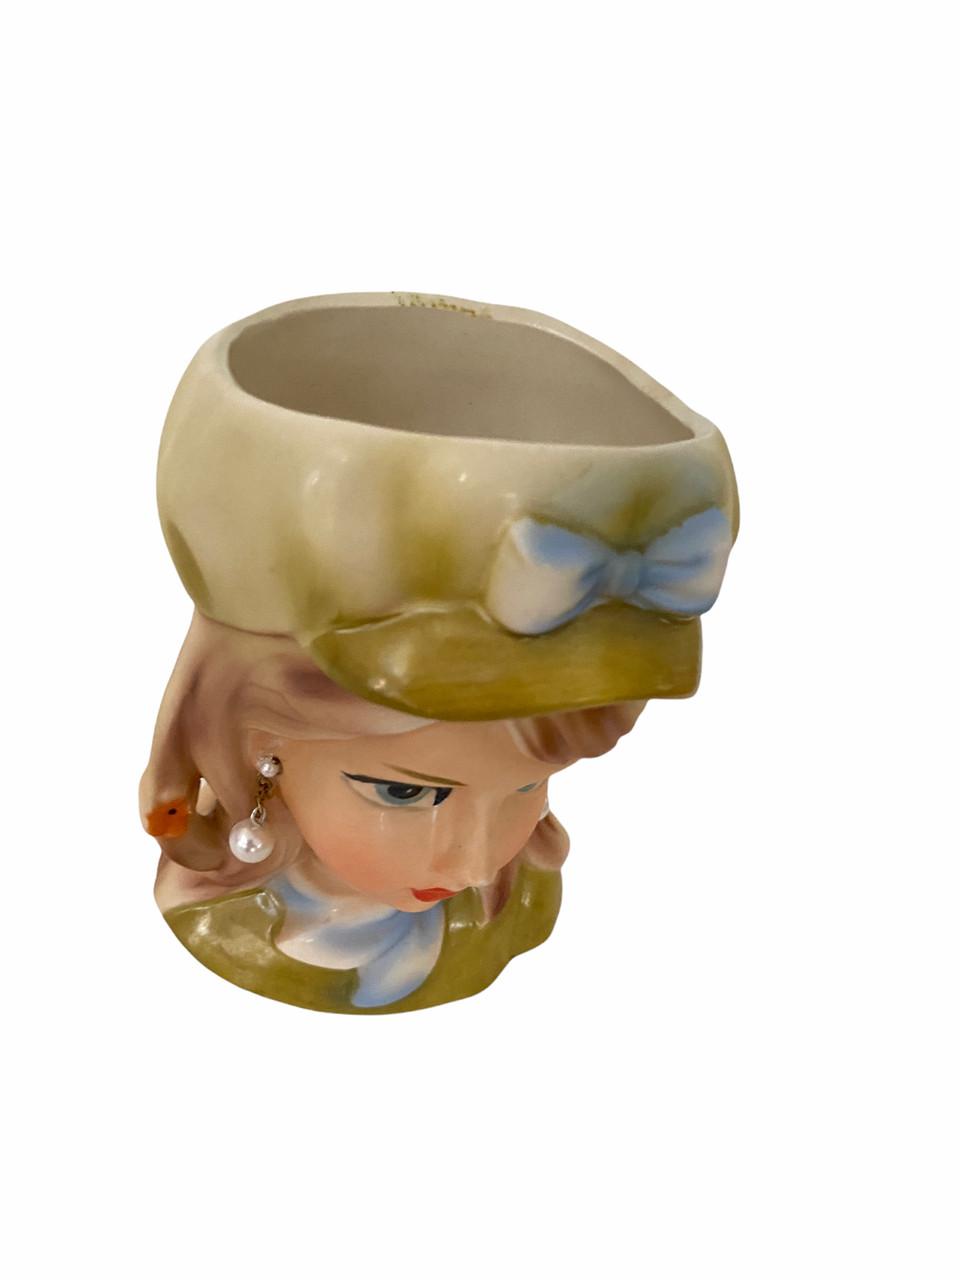 Vintage Lady Head Vase Rubens 4155 in Hat (Rubens4155)